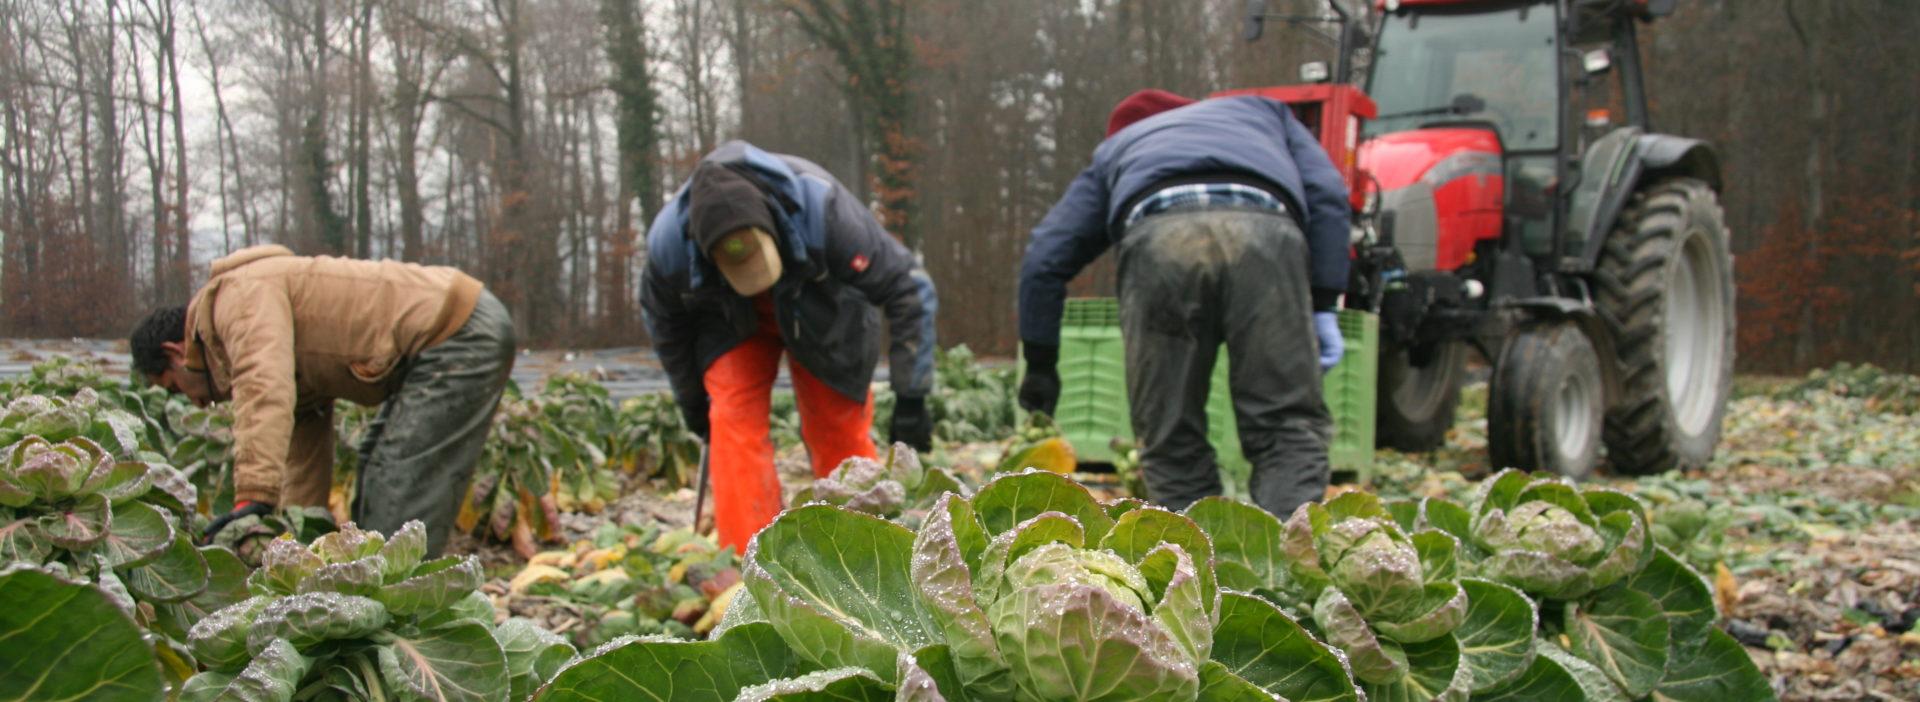 Feld Arbeit Winter